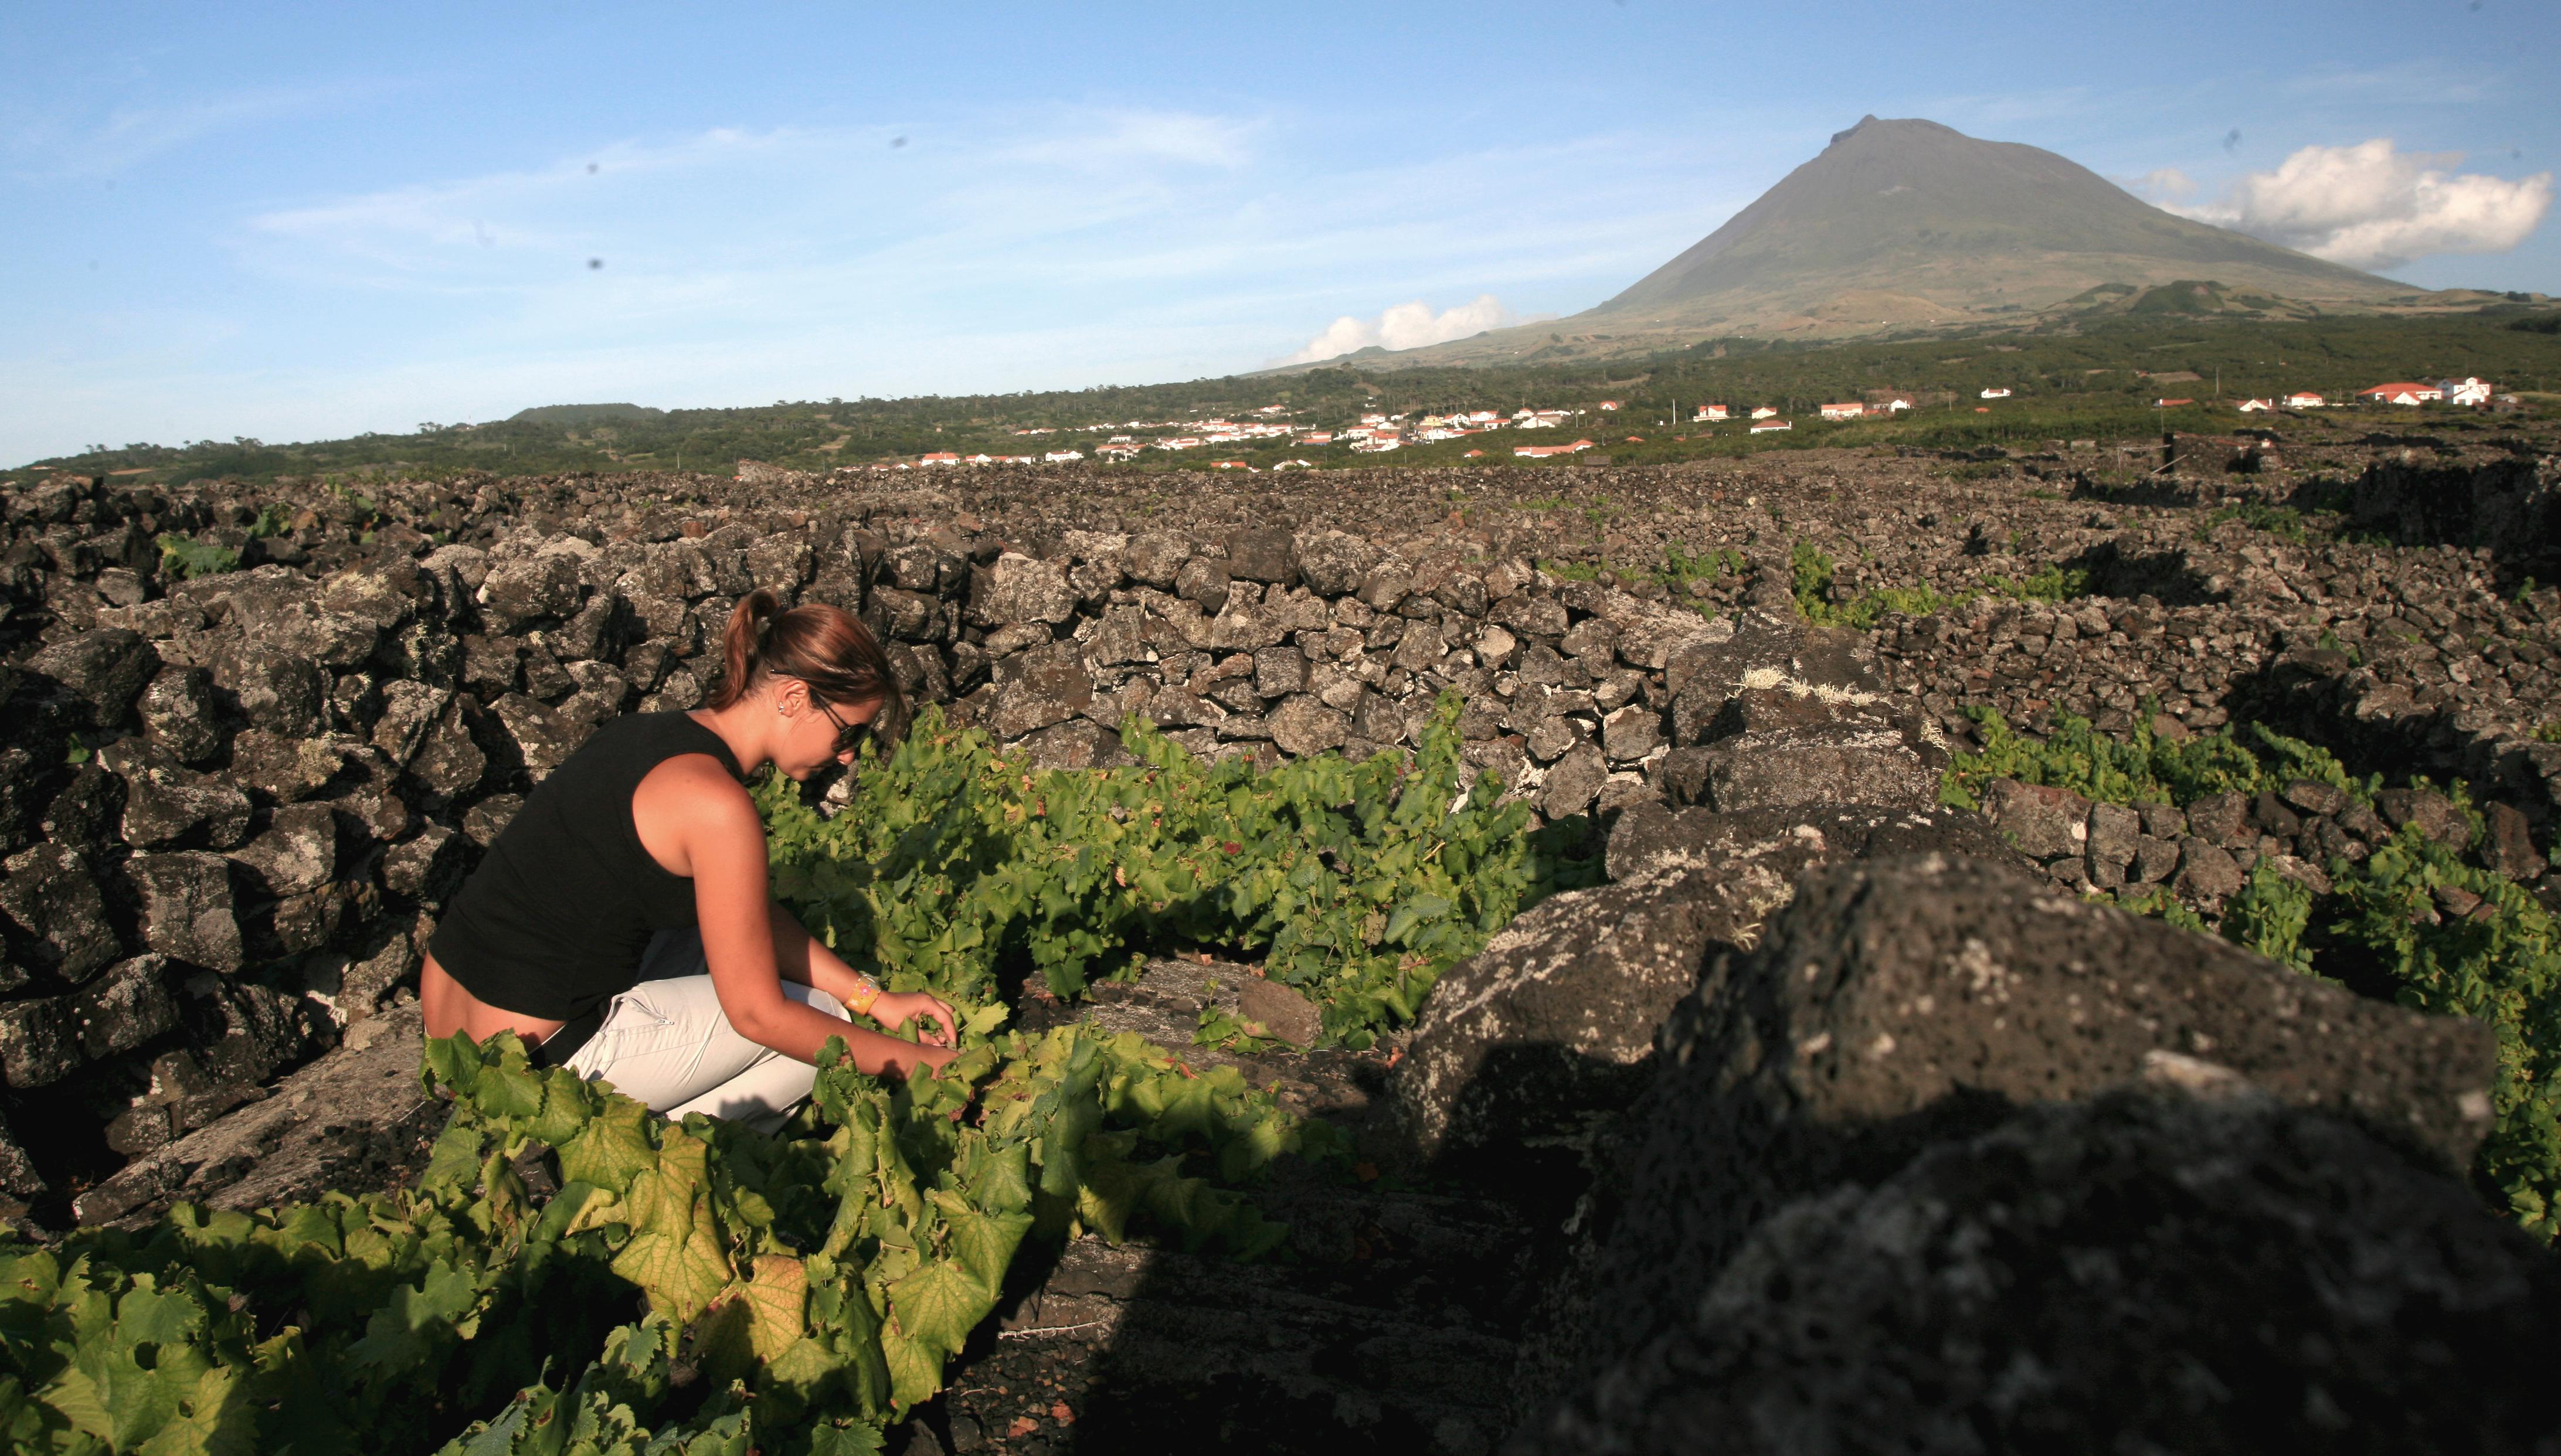 Top Azores: Paisagem da Cultura da Vinha da Ilha do Pico – Património Mundial da UNESCO